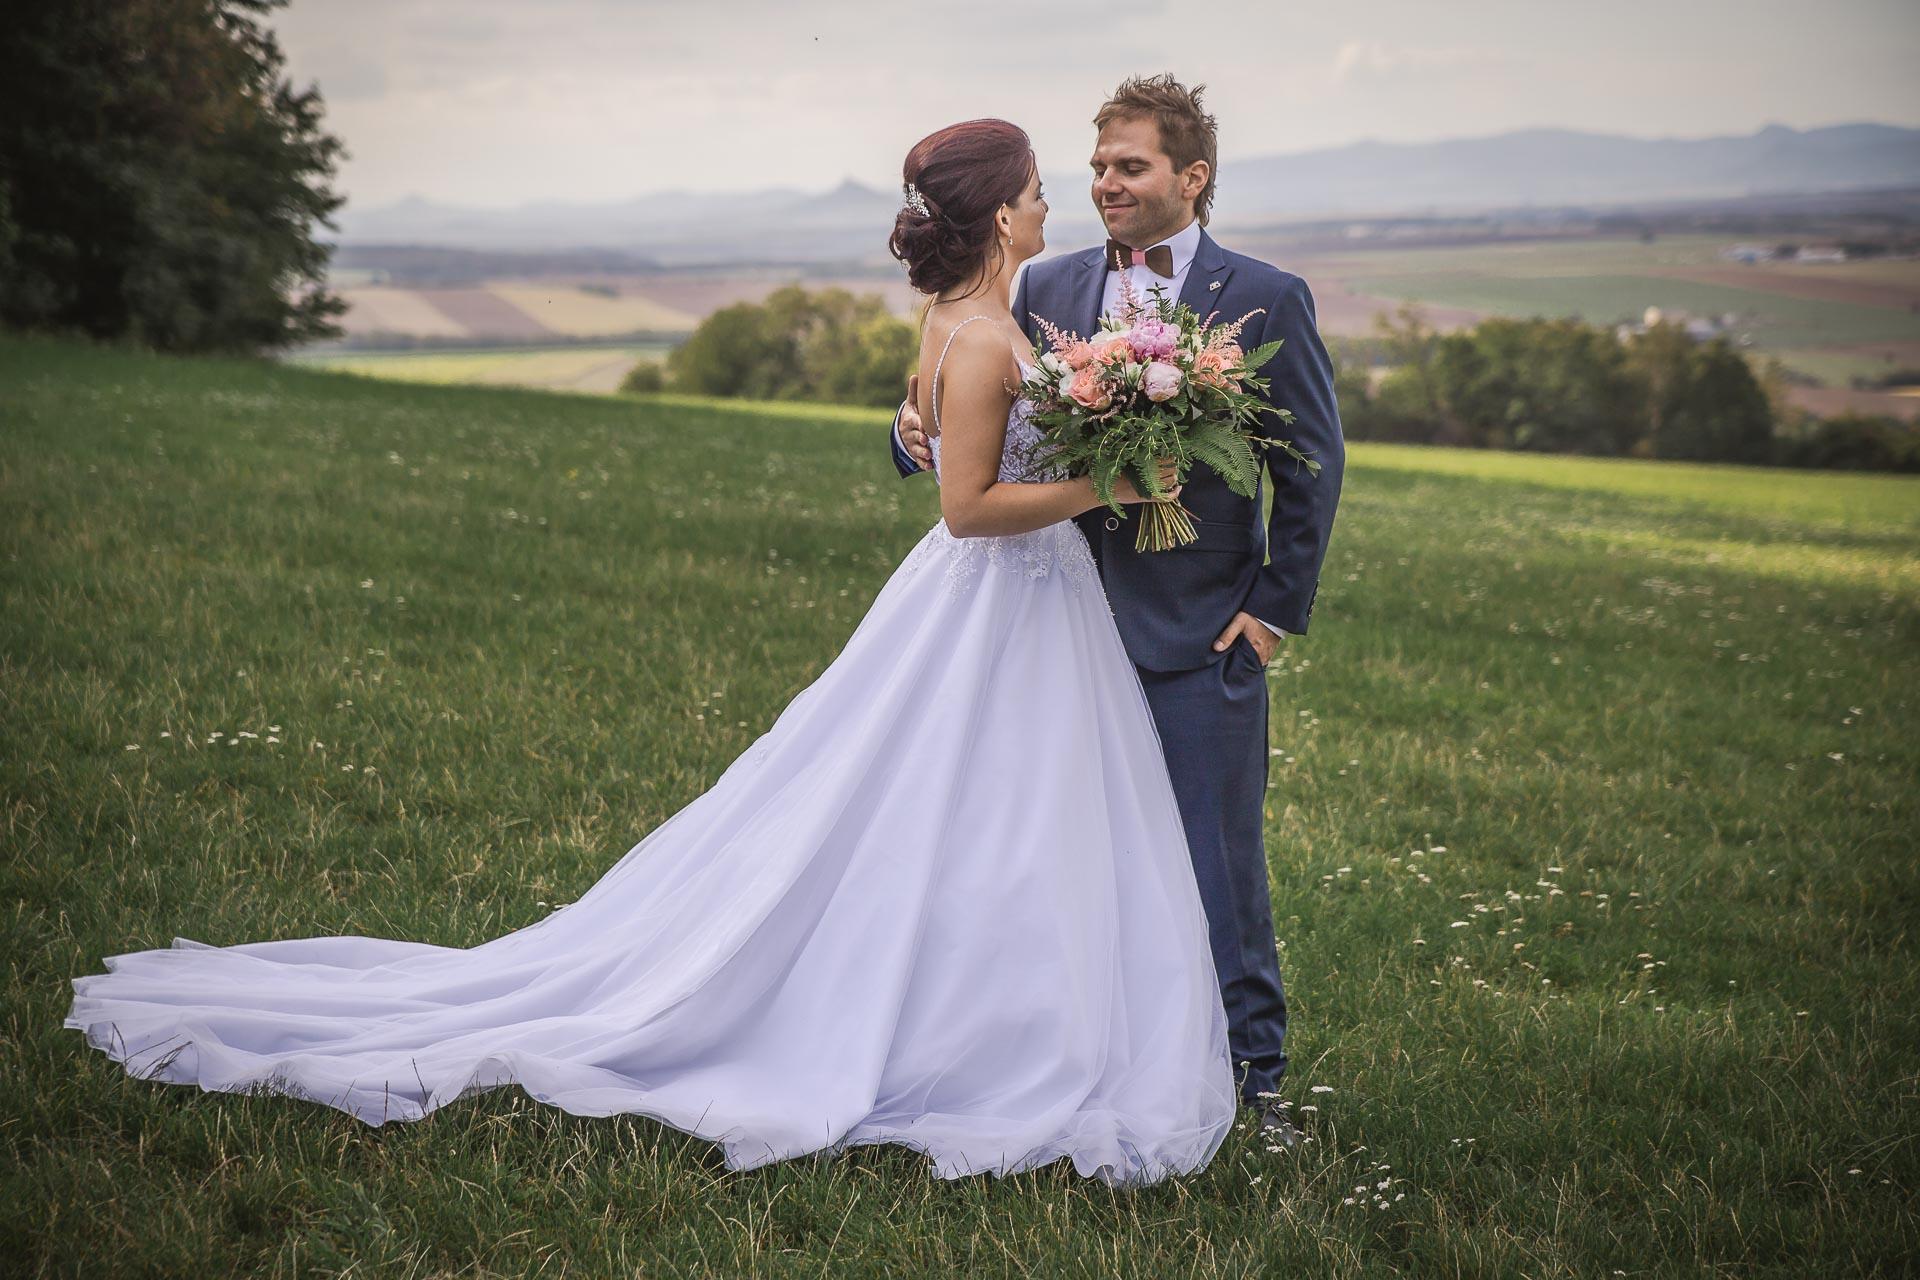 svatební-fotografie-Říp-svatební-video-ŘÍP-svatební-fotograf-ŘÍP-svatba-Mělník-svatba-Neratovice-fotograf-na-savtbu-kameraman-na-svatbu-318